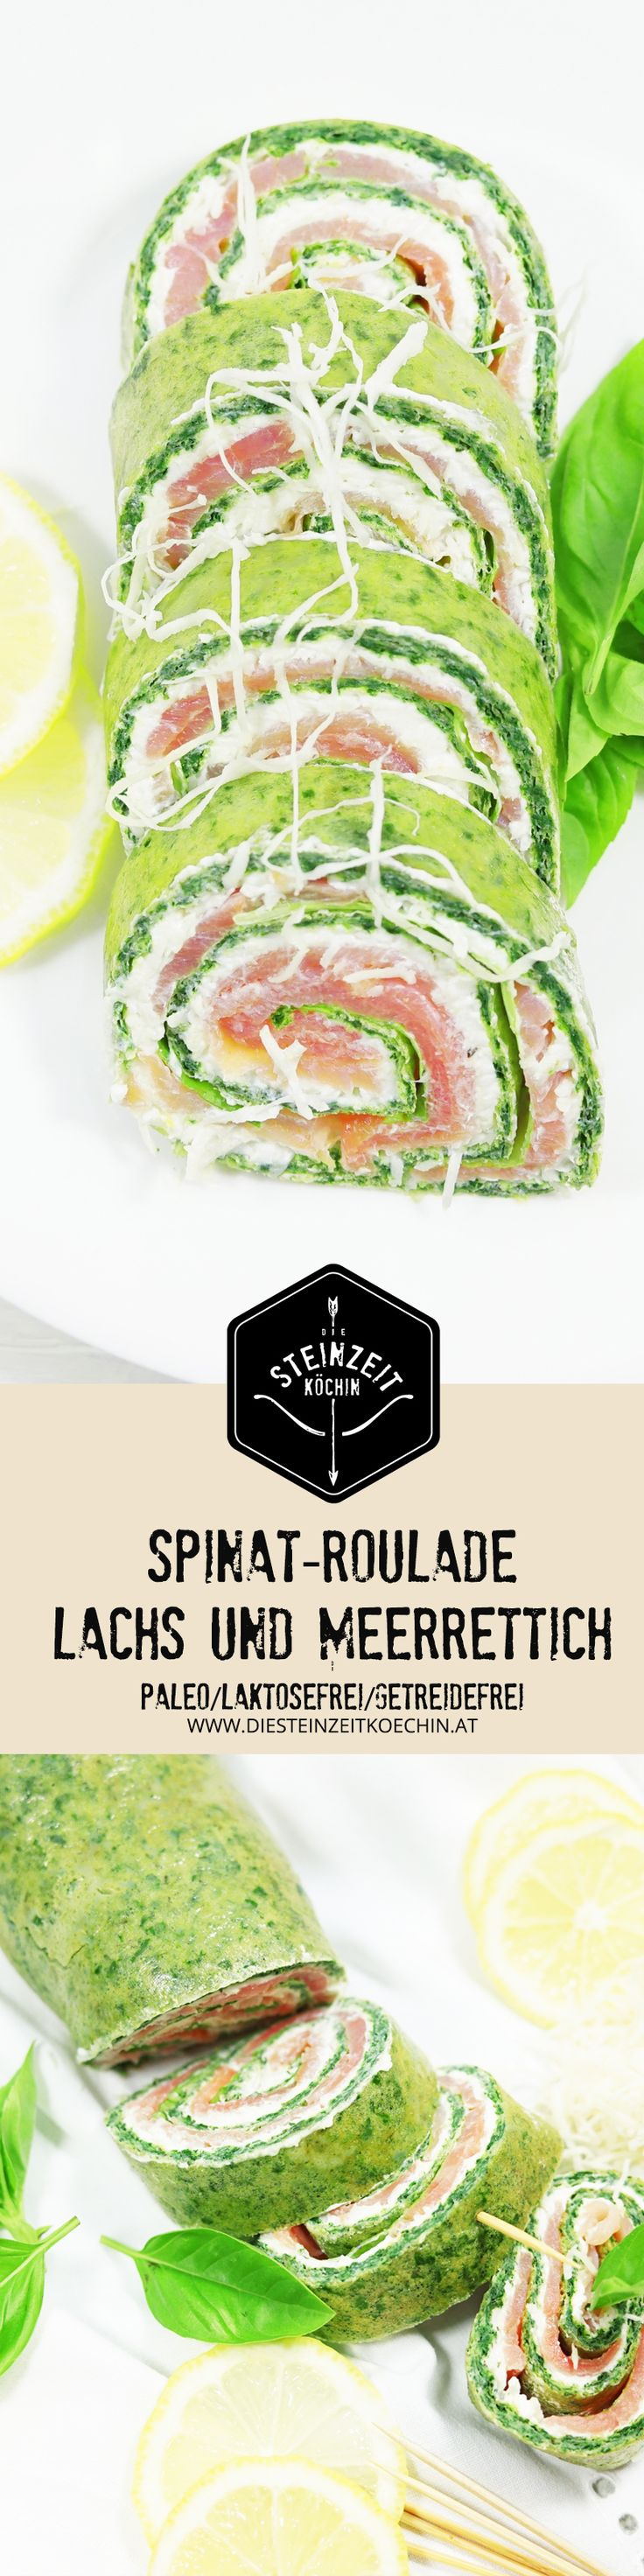 Spinat Rouladen - ein neues Paleo Rezept aus der Küche der Steinzeitköchin, nur wenige Zutaten, Paleo kochen absolut mehlfrei, glutenfrei, ohne Milchprodukte, ohne Zucker, frisch und gesund, ein schnelles Rezept, mit wenig Kohlenhydraten, low carb, ein gesunder Snack, fingerfood, ein Rezept für die gesunde Ernährung.